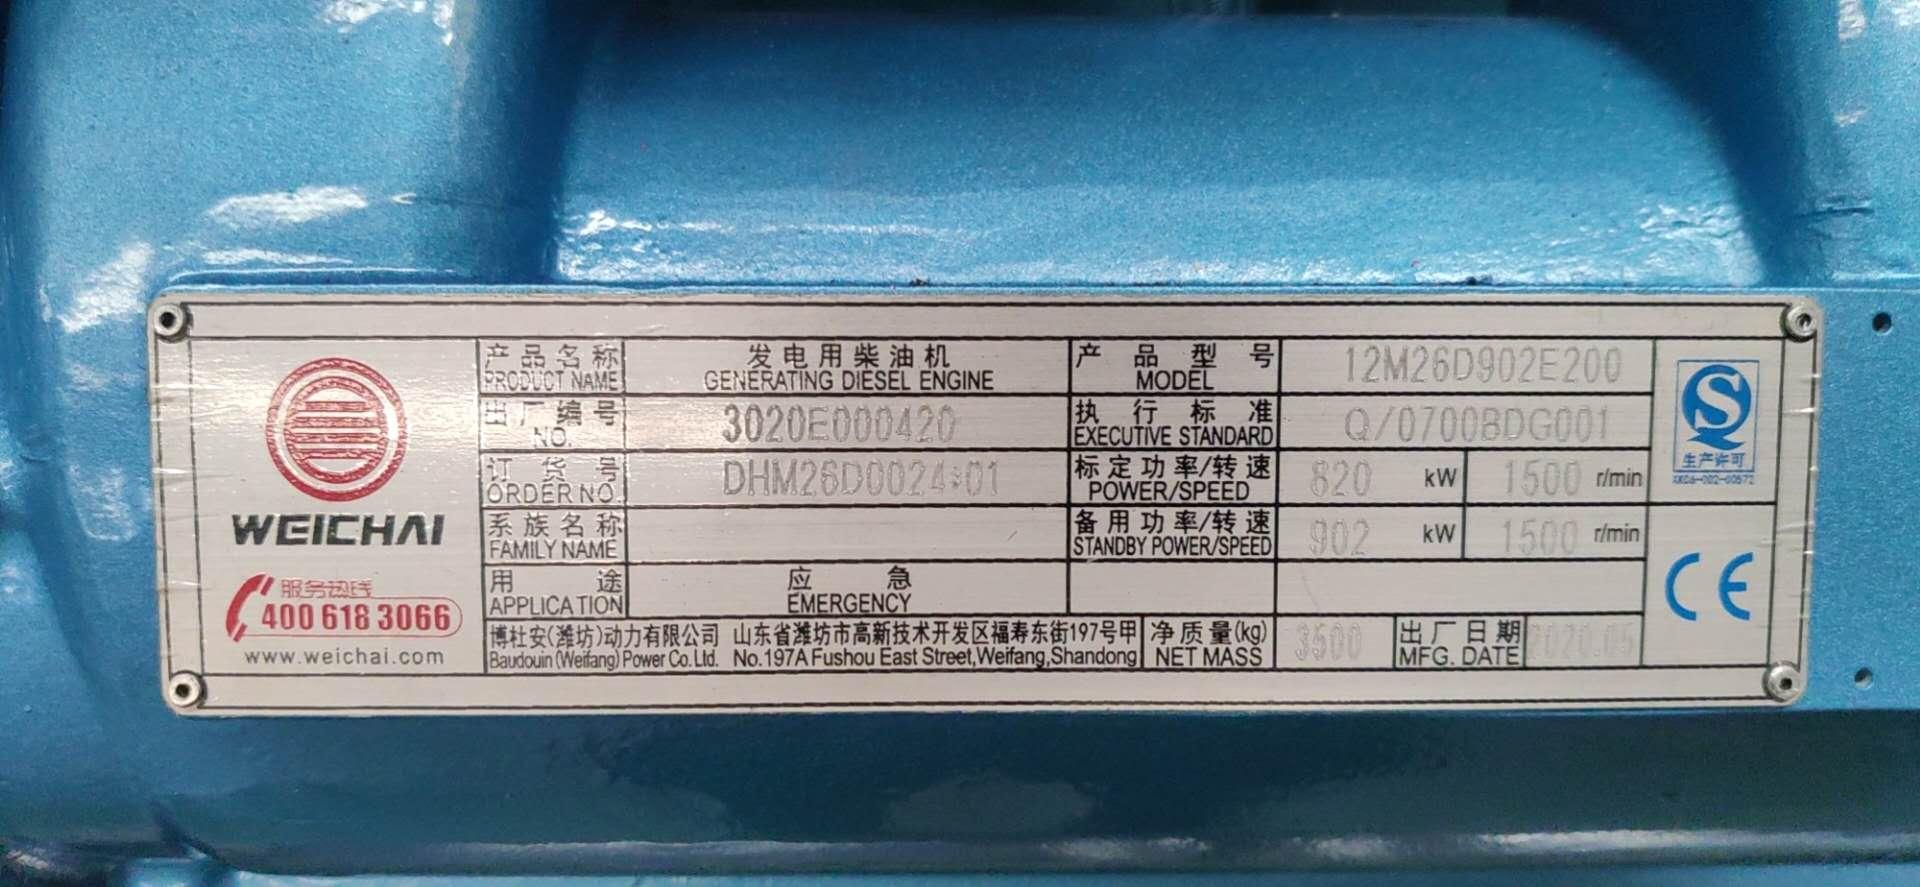 航天福湘-800KW潍柴动力配套道依茨发电机,交付学校用户